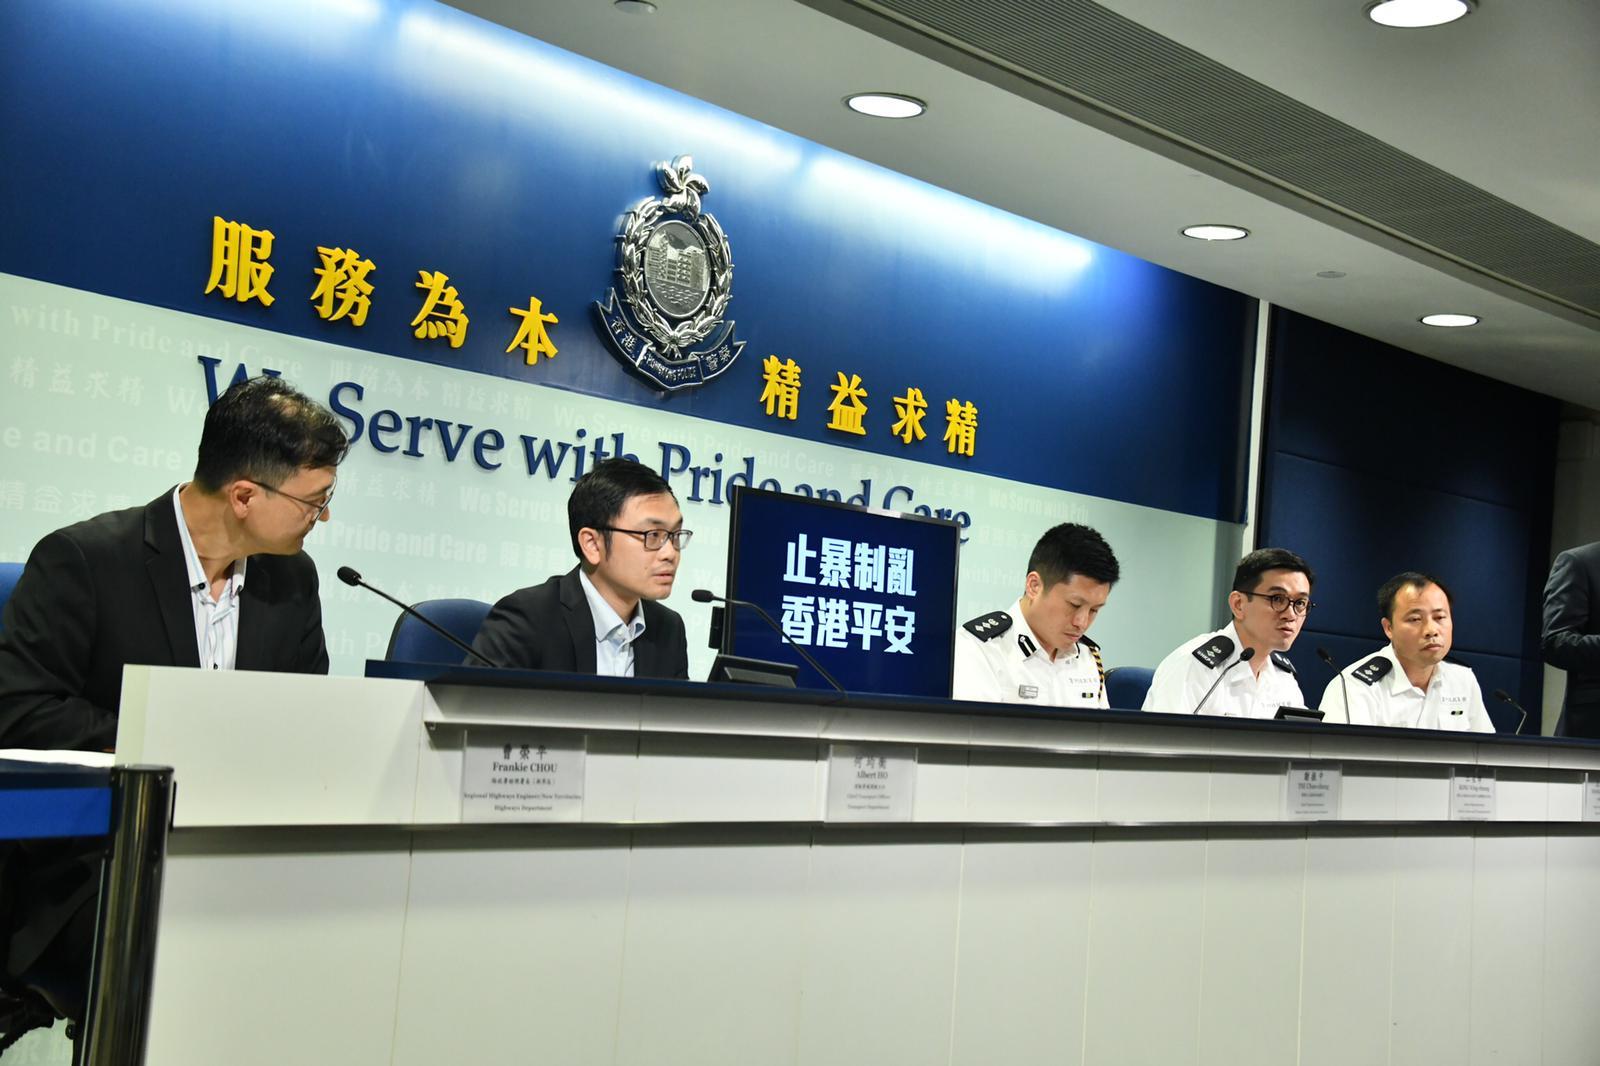 警:懲教員已宣誓為特務警察 執勤時穿懲教制服